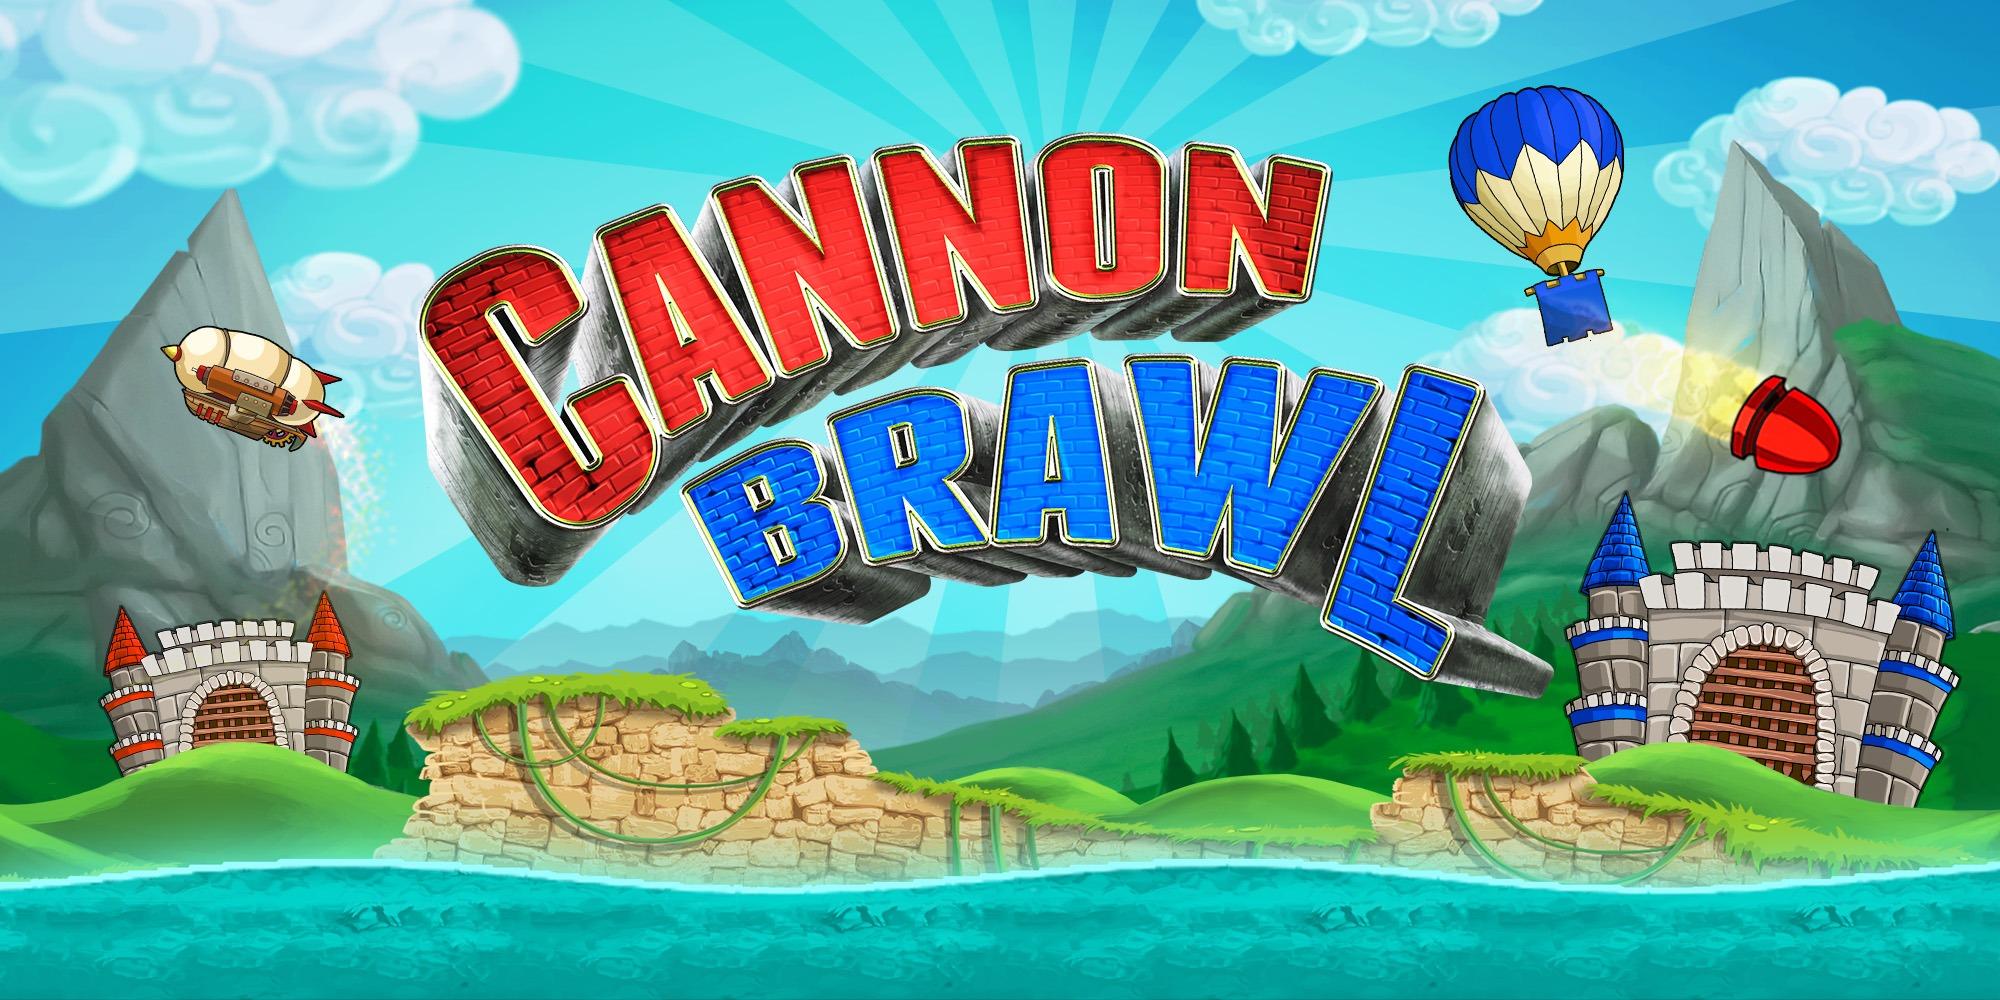 CannonBrawl